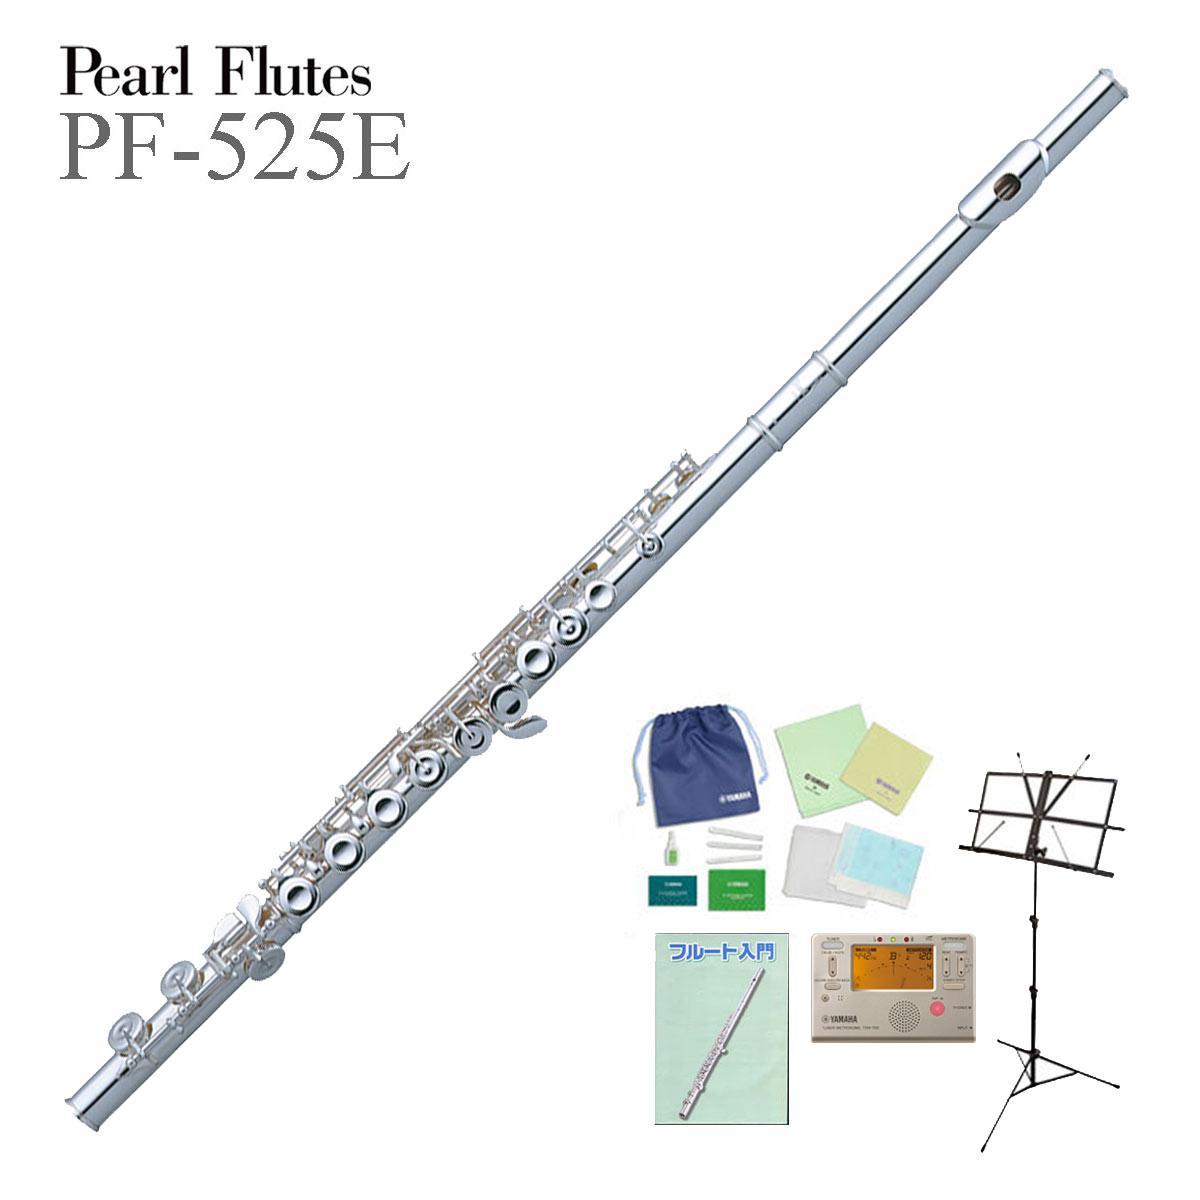 【在庫あり】Pearl Flute / PF-525E パールフルート リッププレート・ライザー銀製 【全部入りセット】《未展示保管の新品をお届け》《5年保証》